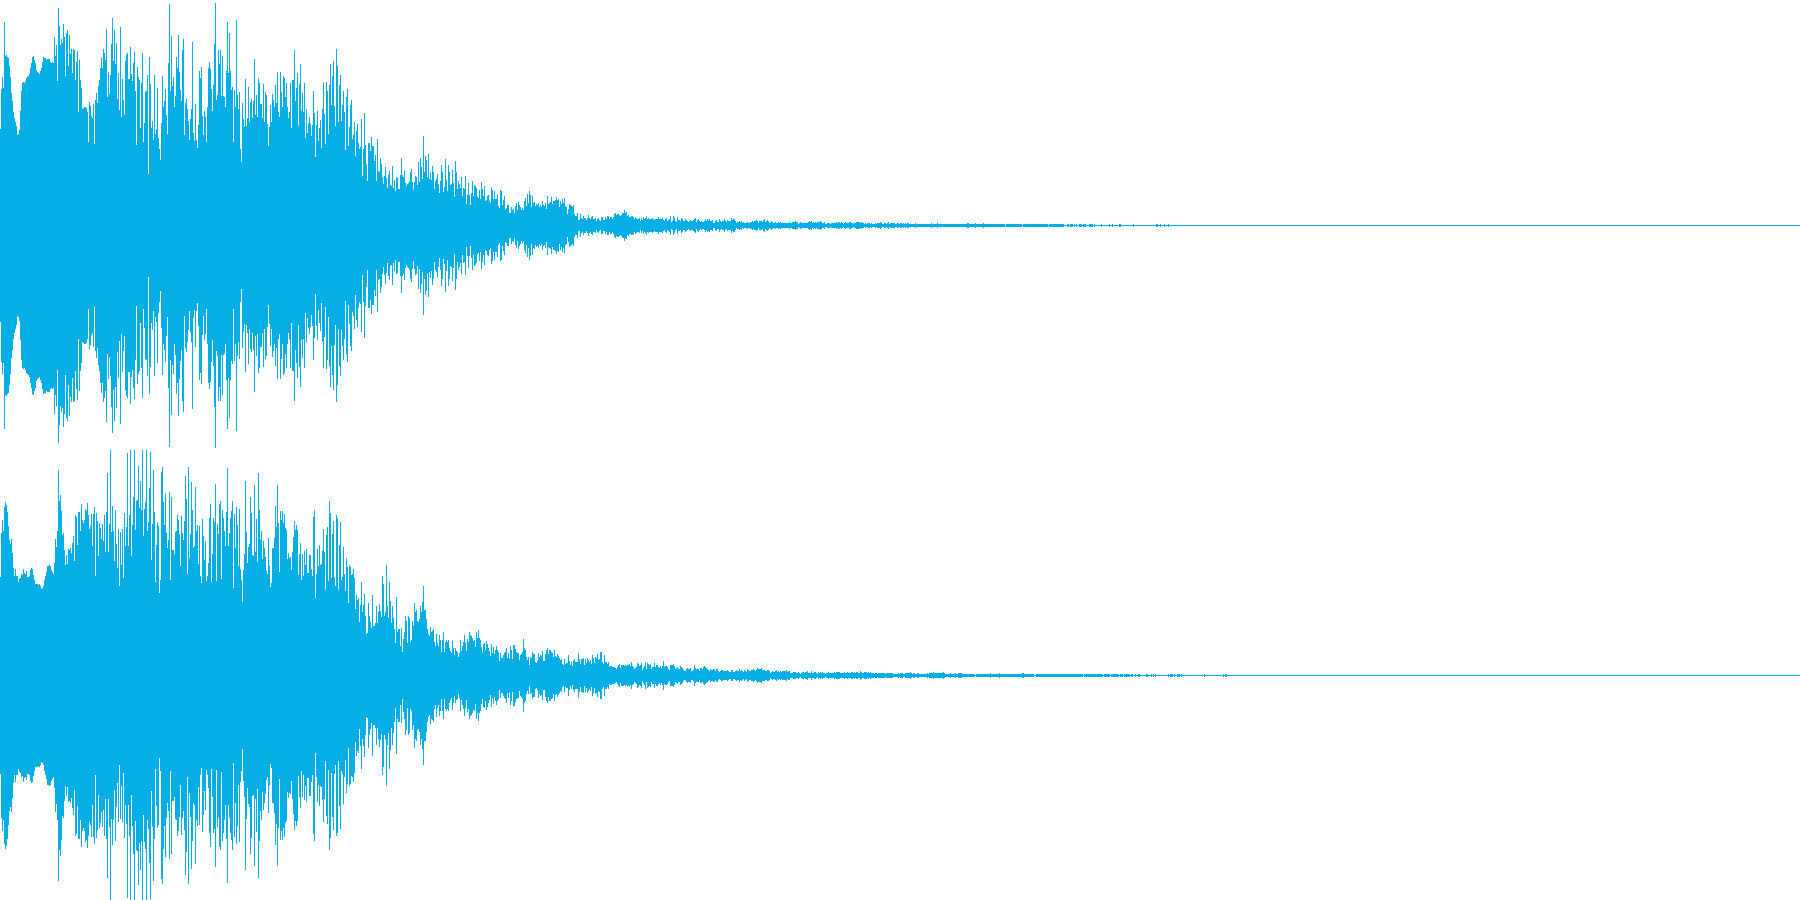 不思議な音08の再生済みの波形